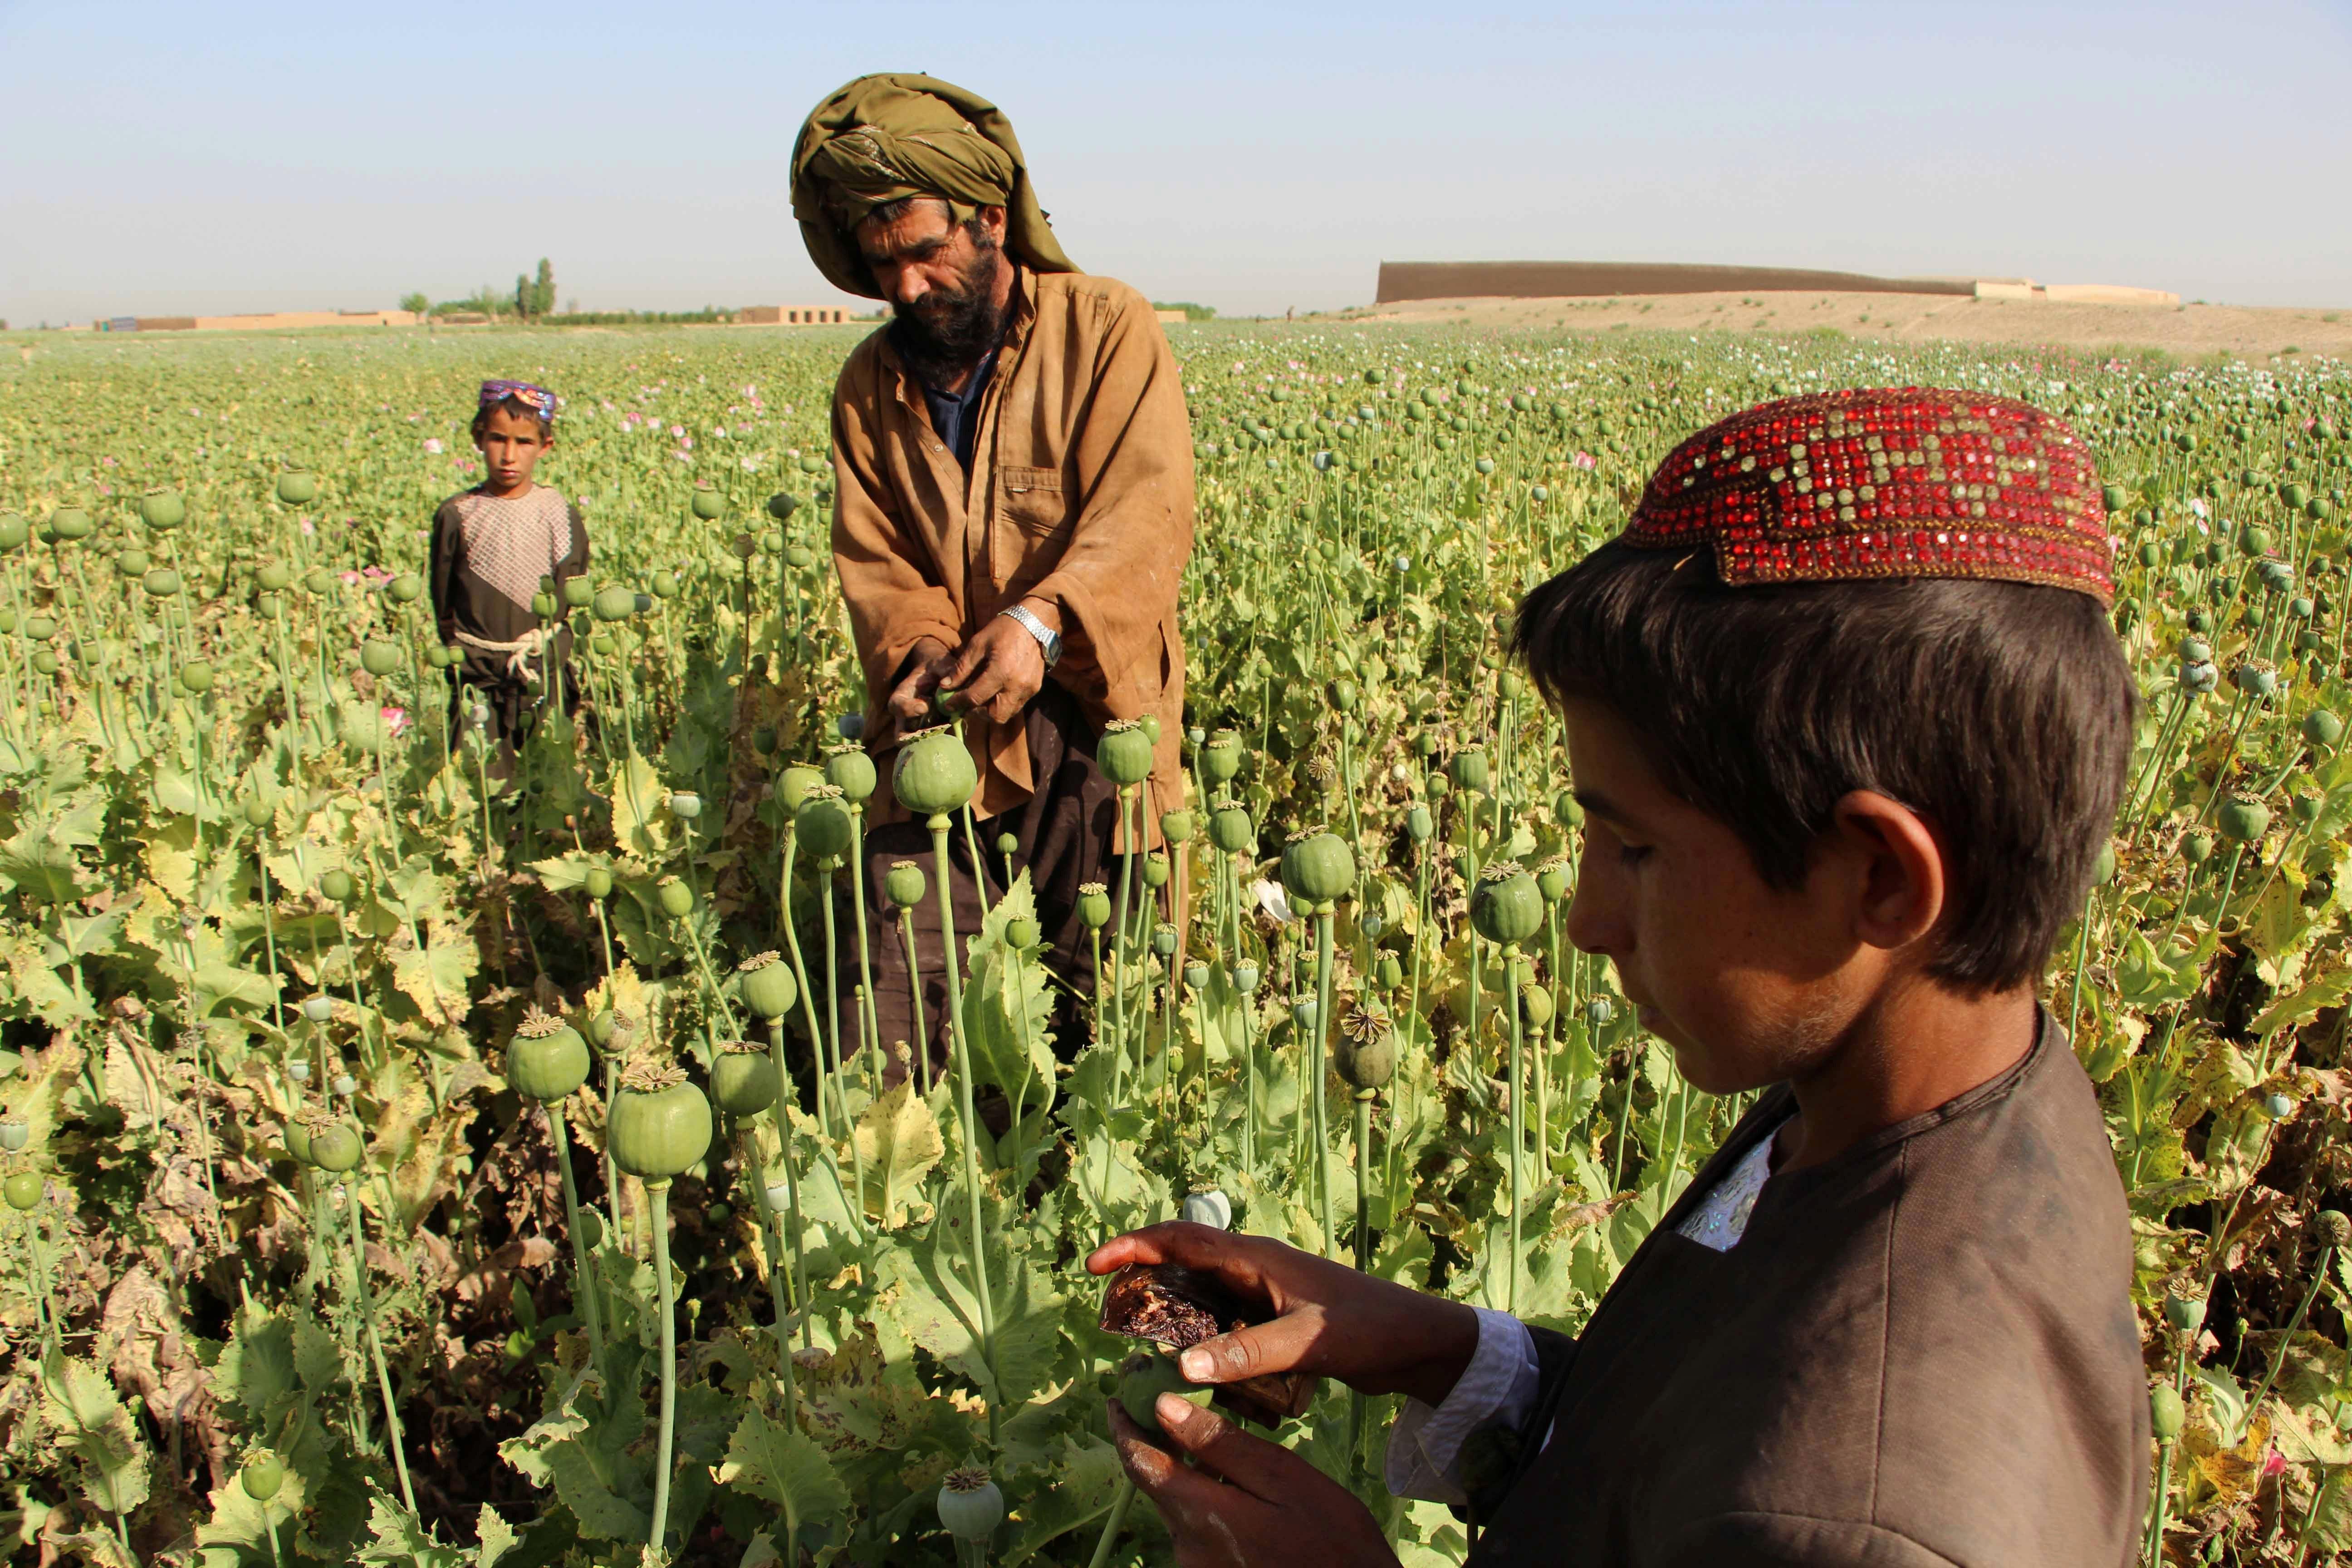 افغانستان در تلاش برای مقابله با استفاده از مواد مخدر از طریق ورزش است